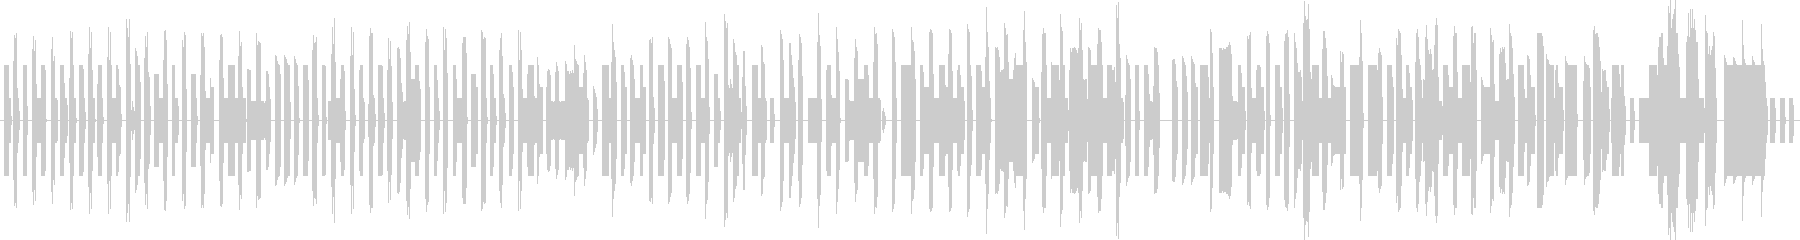 80年代のアーケードゲーム風の音楽ですの未再生の波形